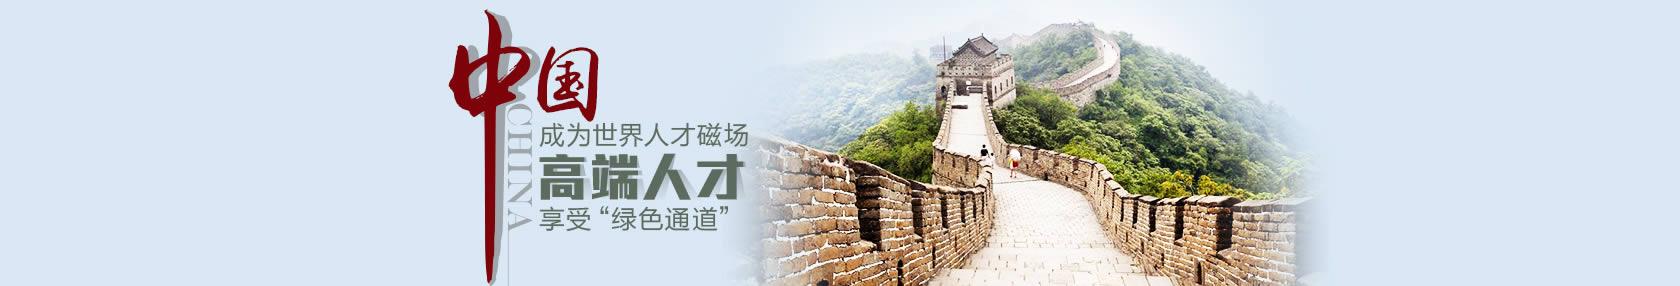 """中国成为世界人才磁场,外国高端人才来华工作享受""""绿色通道"""